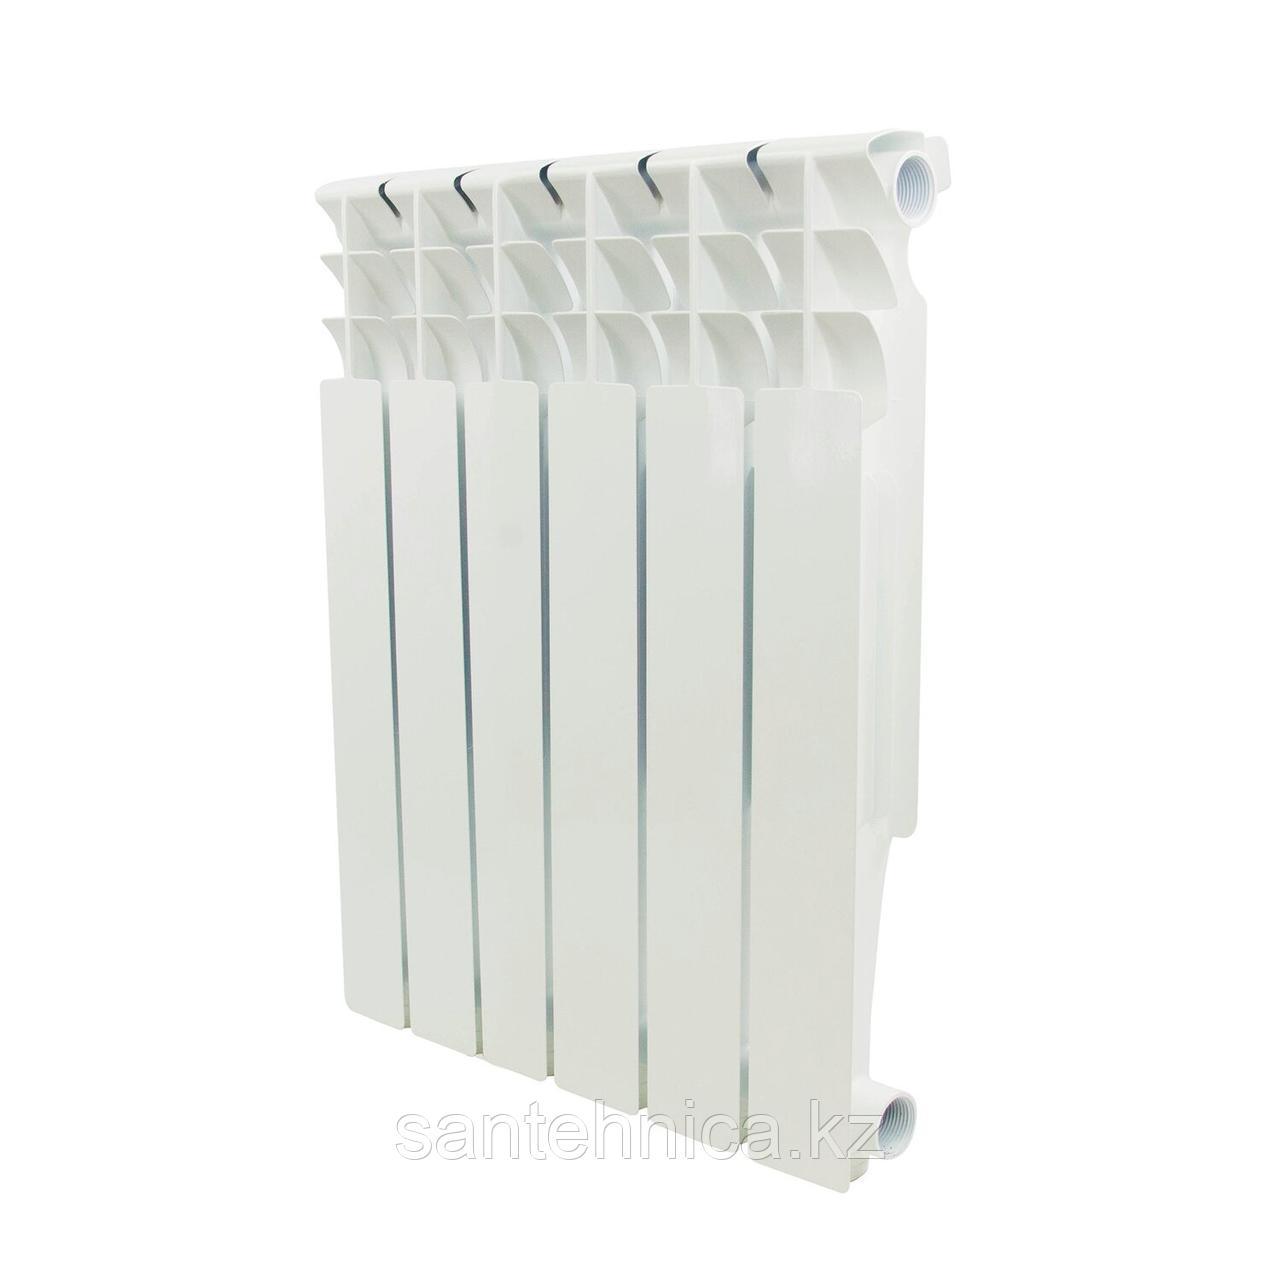 Радиатор алюминиевый Benarmo 500/96, Qну=128 Вт